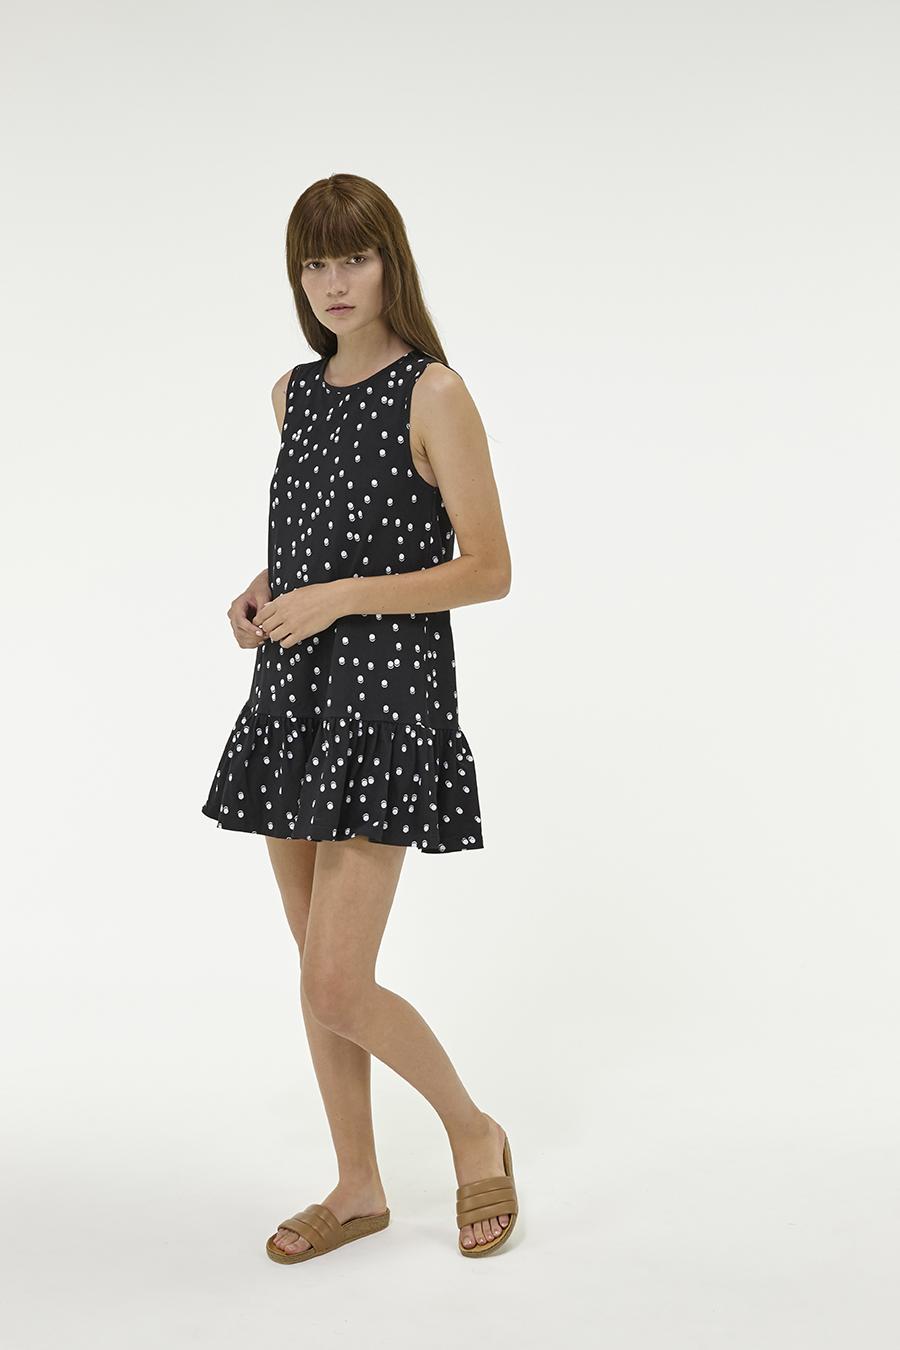 Huffer_Q3-16_W-Port-Volley-Dress_Black-04